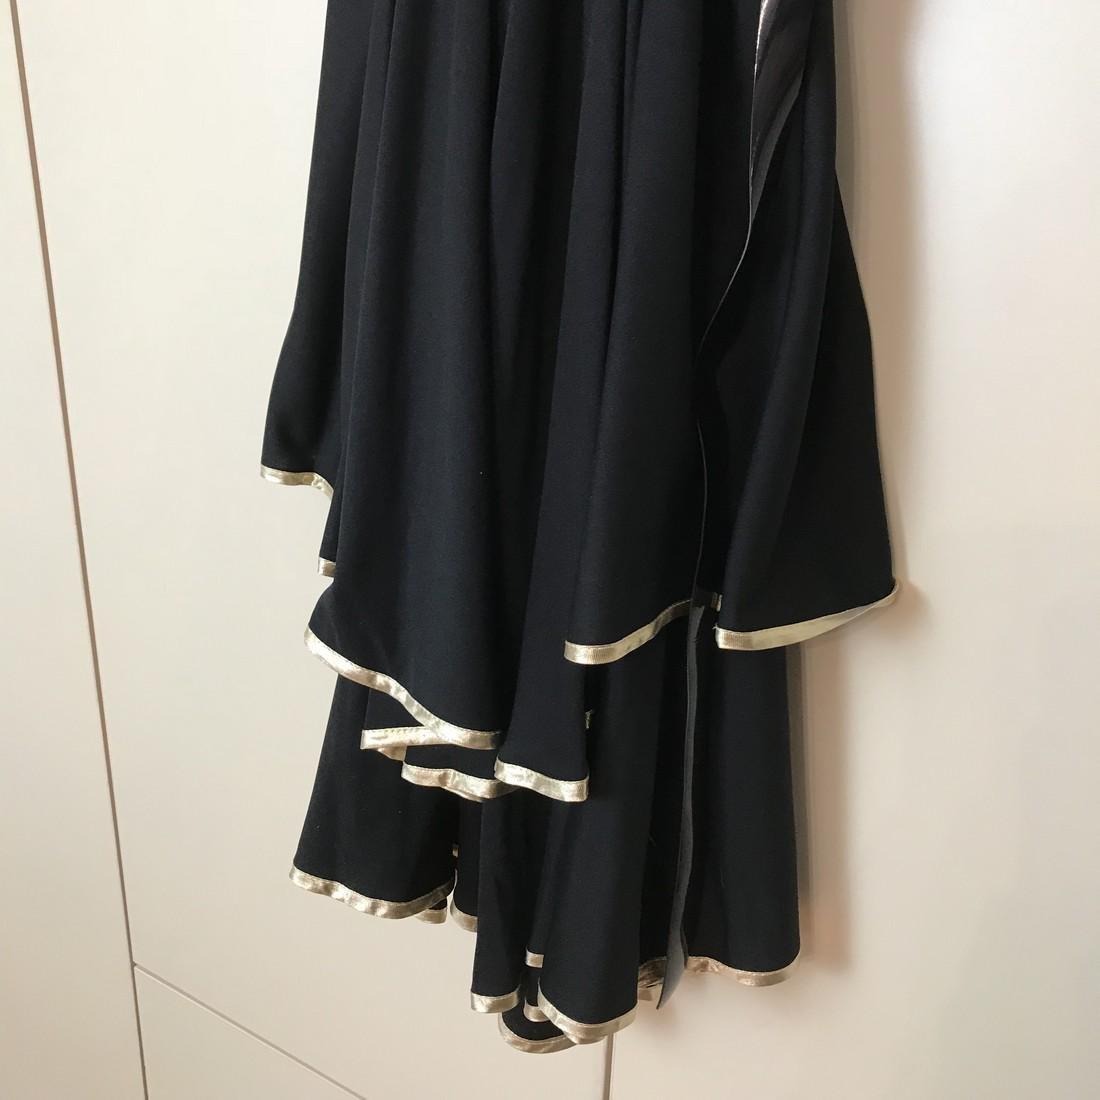 Black / Gold Vintage Designer Dress Size EUR 38 US 8 - 6